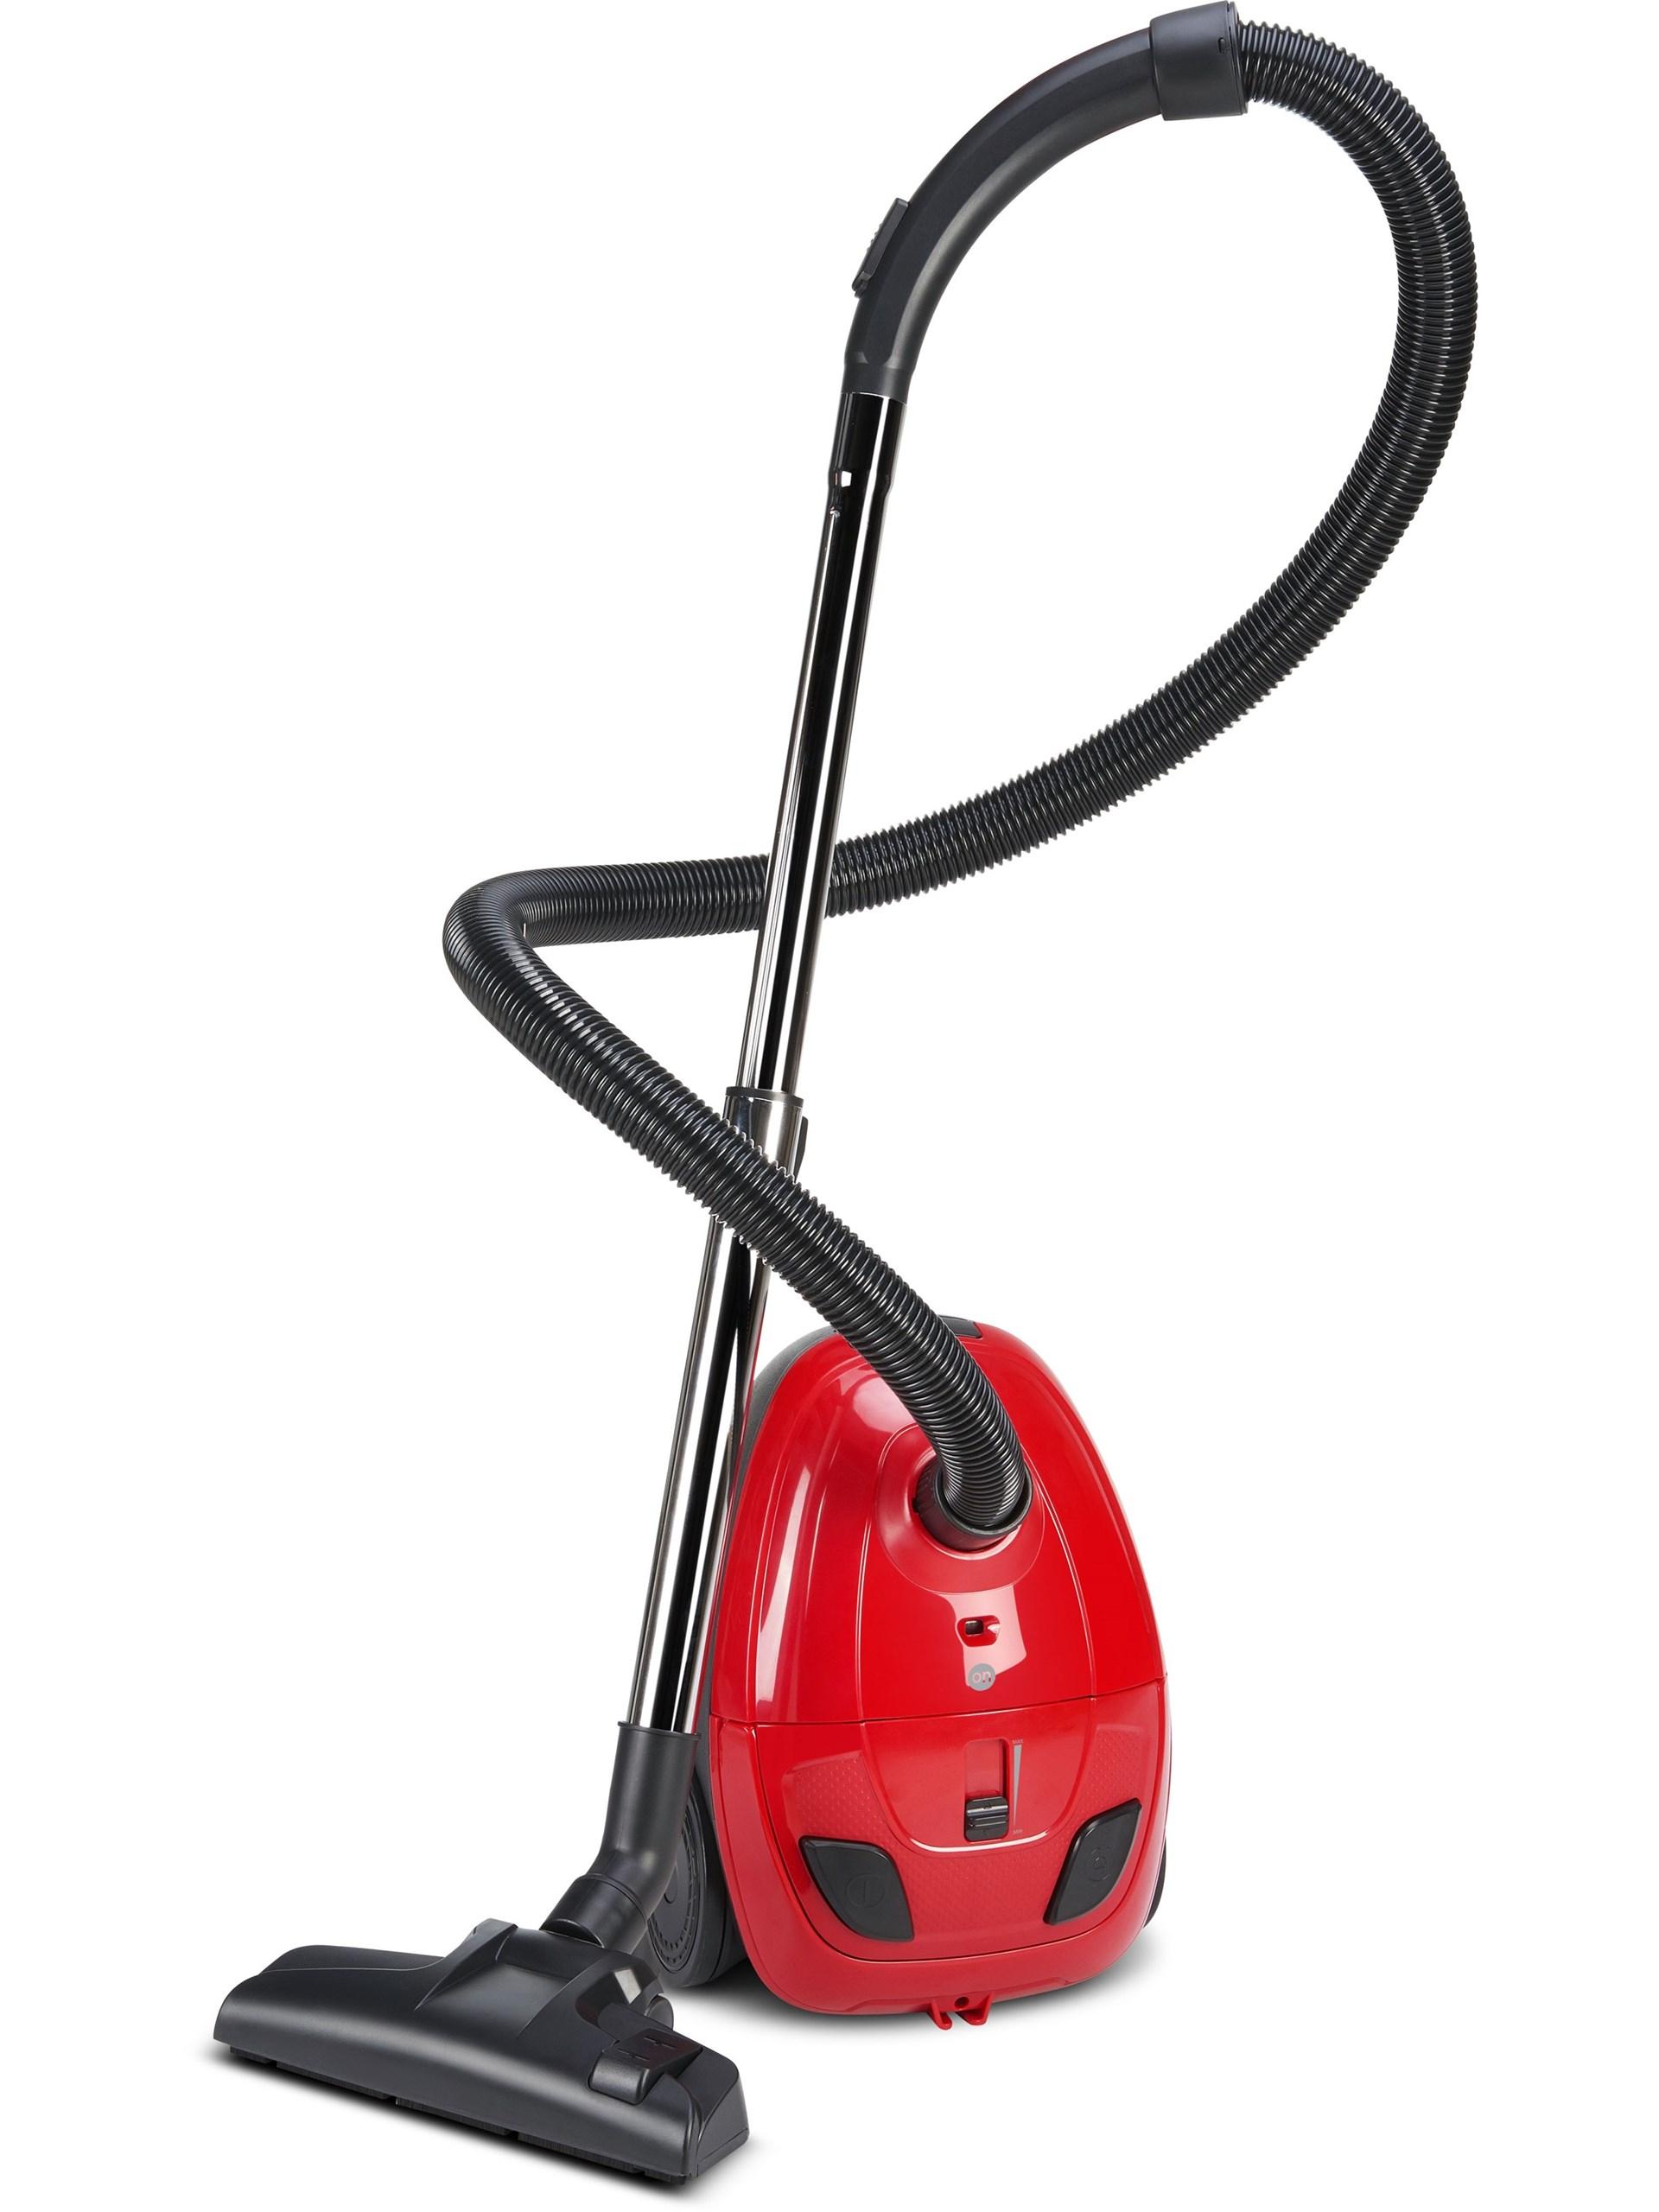 Fräscha ON Vacuum Cleaner 10 - Kompakt dammsugare med justerbar sugeffekt BJ-03